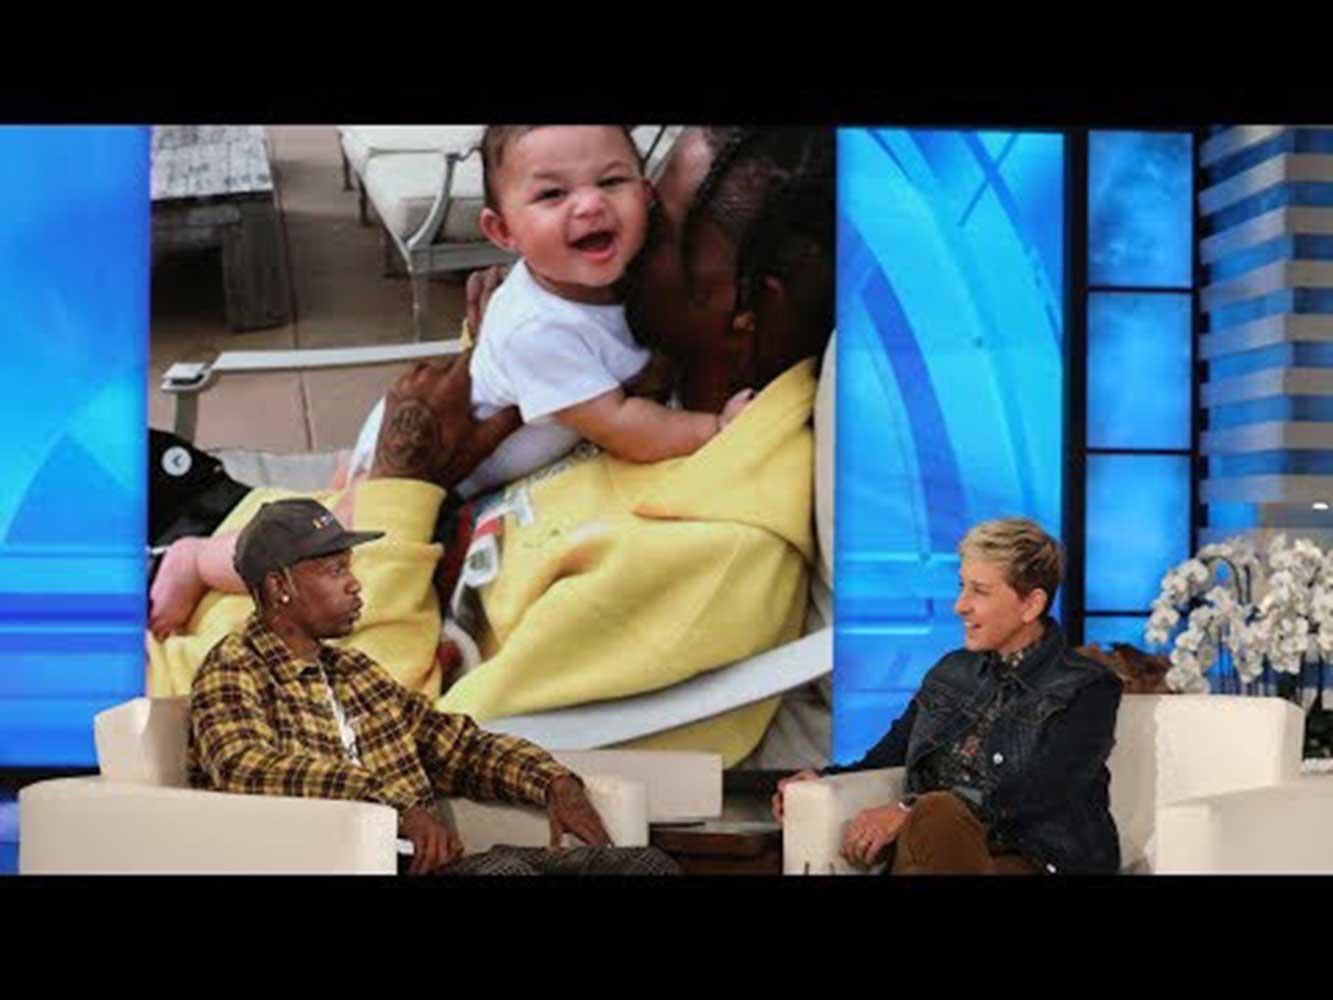 『エレンの部屋』に出演したトラヴィス・スコット(画像は『TheEllenShow 2018年11月12日公開 YouTube「Travis Scott Shares 'Crazy' Details About Kylie's Delivery」』のサムネイル)